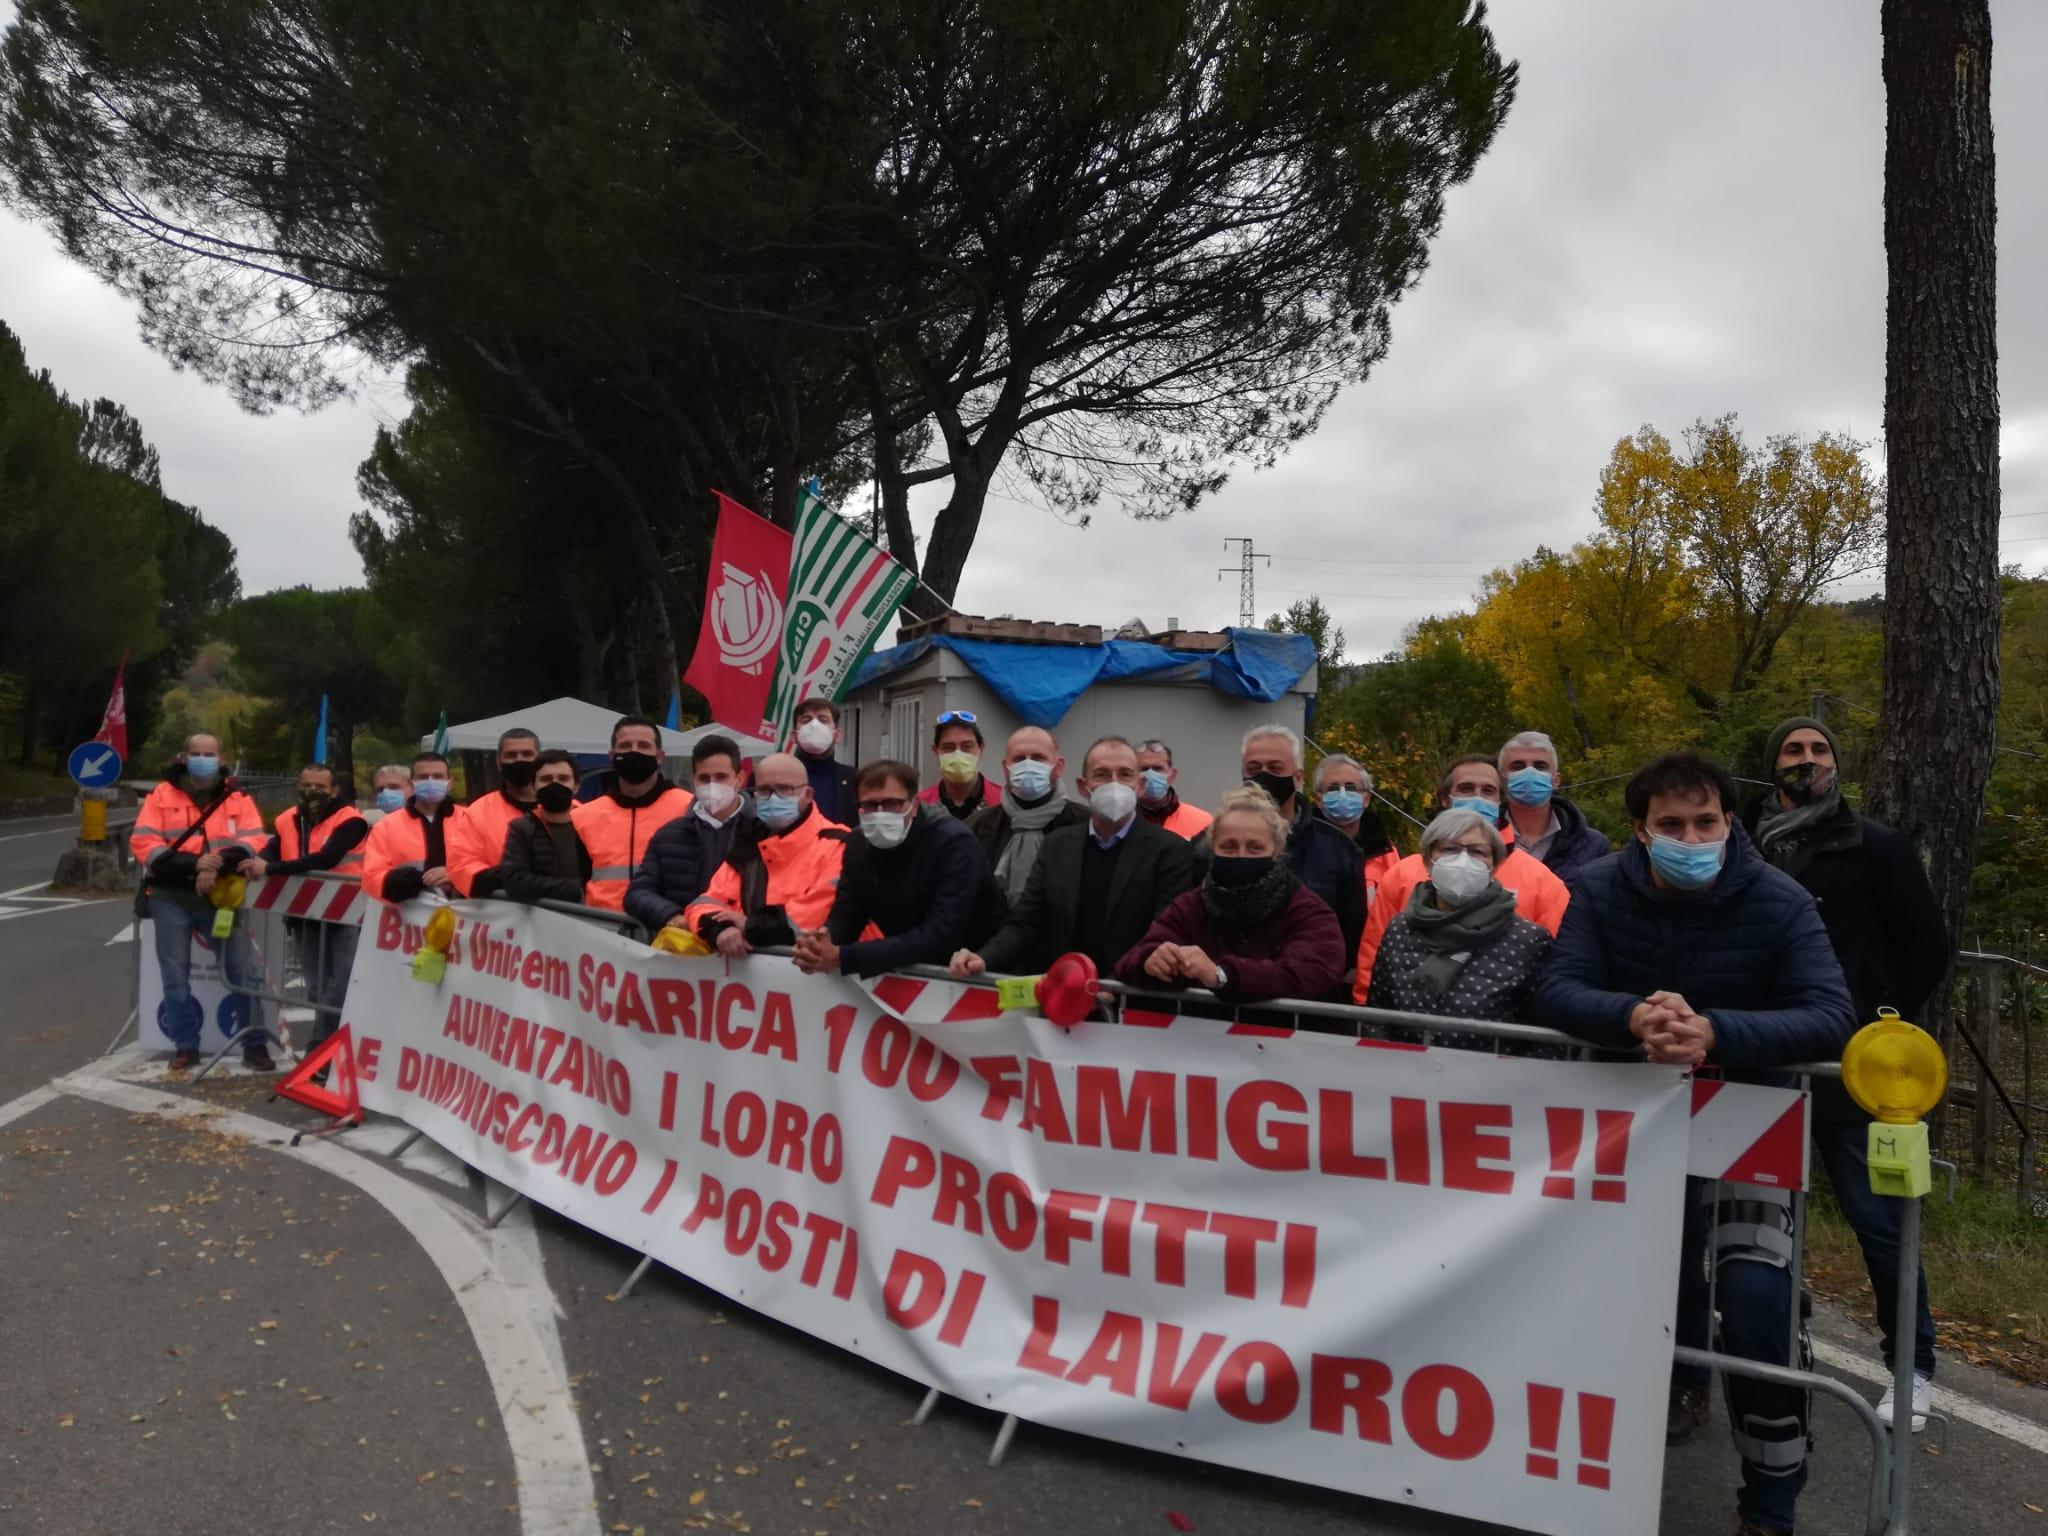 Chiusura del cementificio Testi: accordo Buzzi-sindacati per dare tutele ai lavoratori